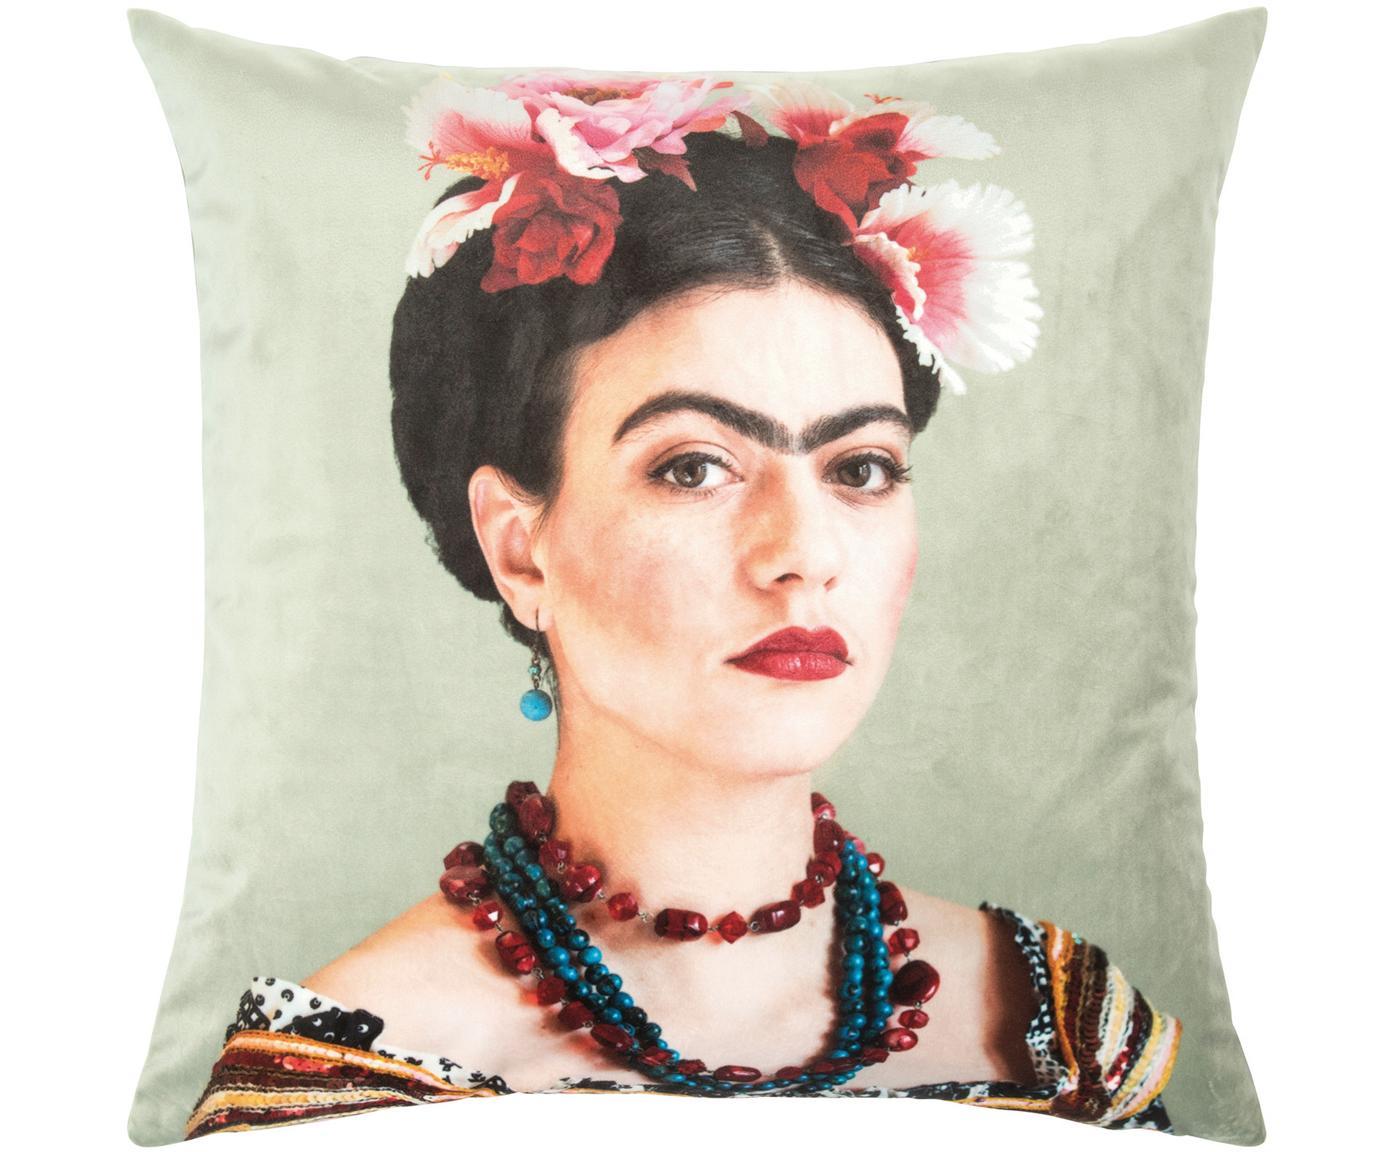 Samt-Kissenhülle Rosanna, 100% Polyestersamt, Mint, 45 x 45 cm